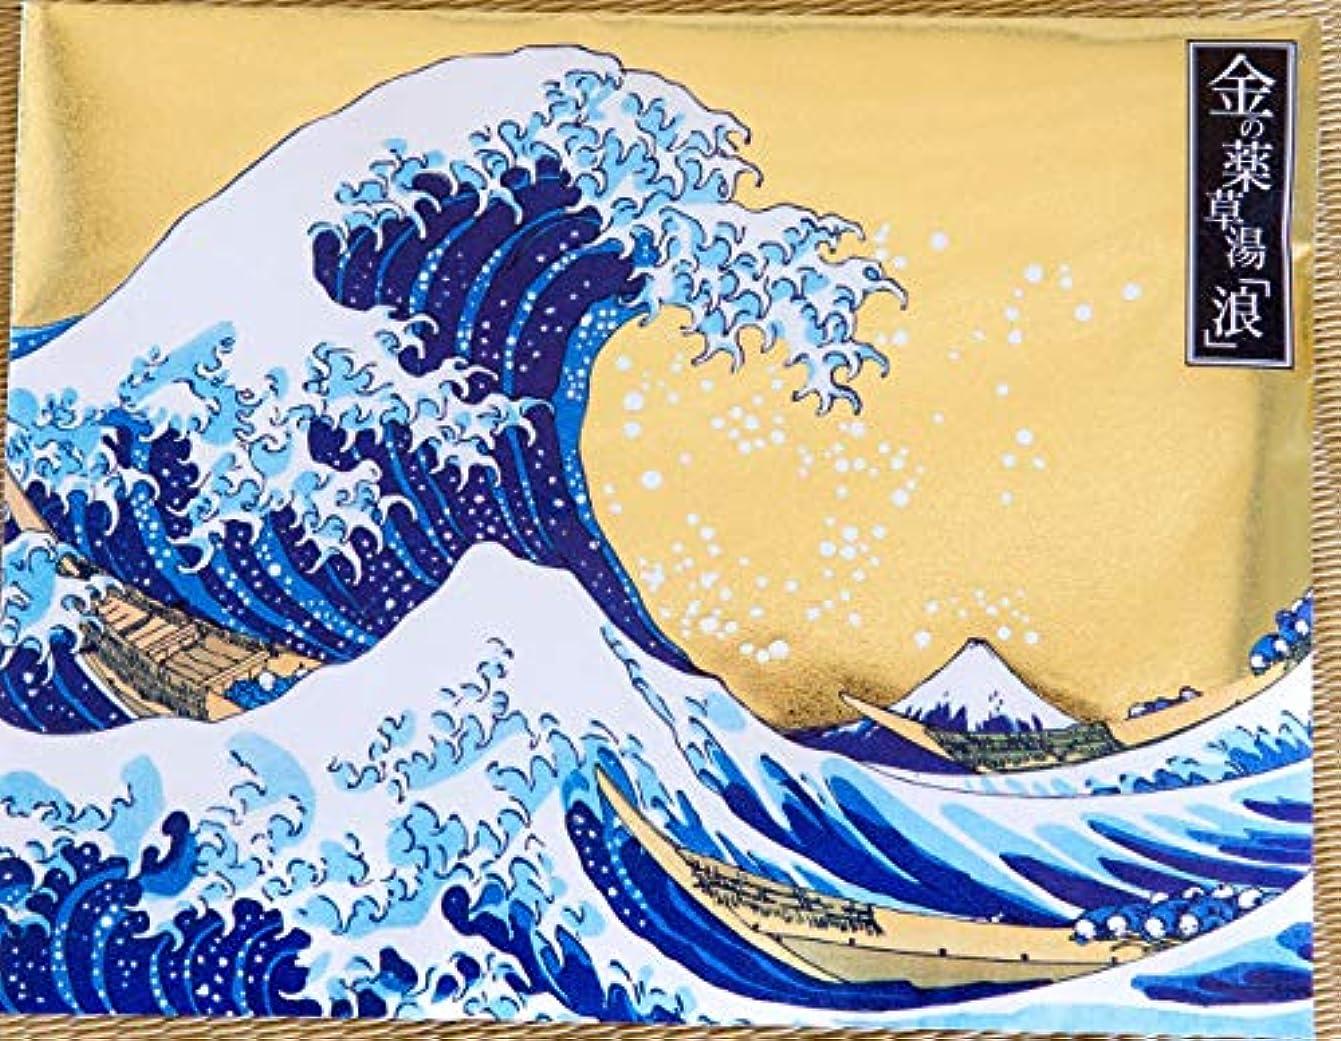 バクテリアアグネスグレイマリナー金の薬草湯「浪」 神奈川沖浪裏(富嶽三十六景)